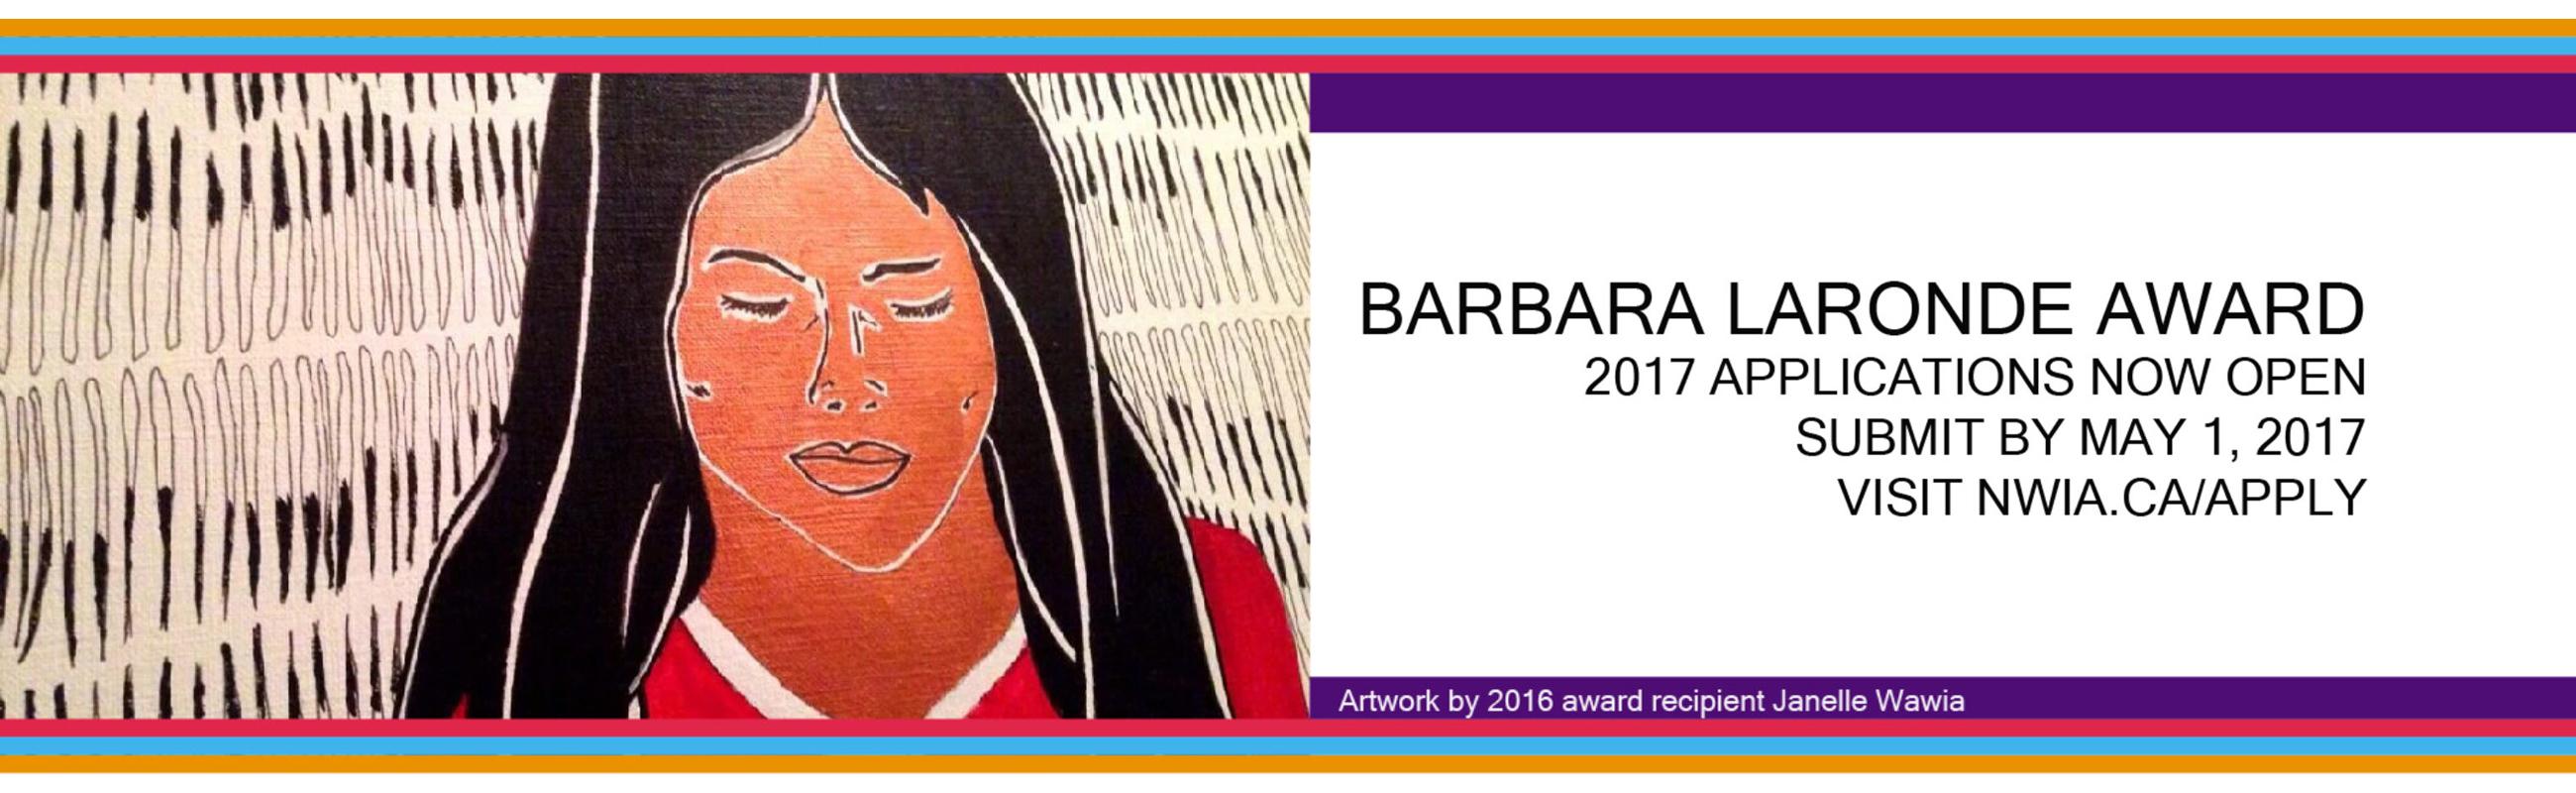 award-banner-ccapr14